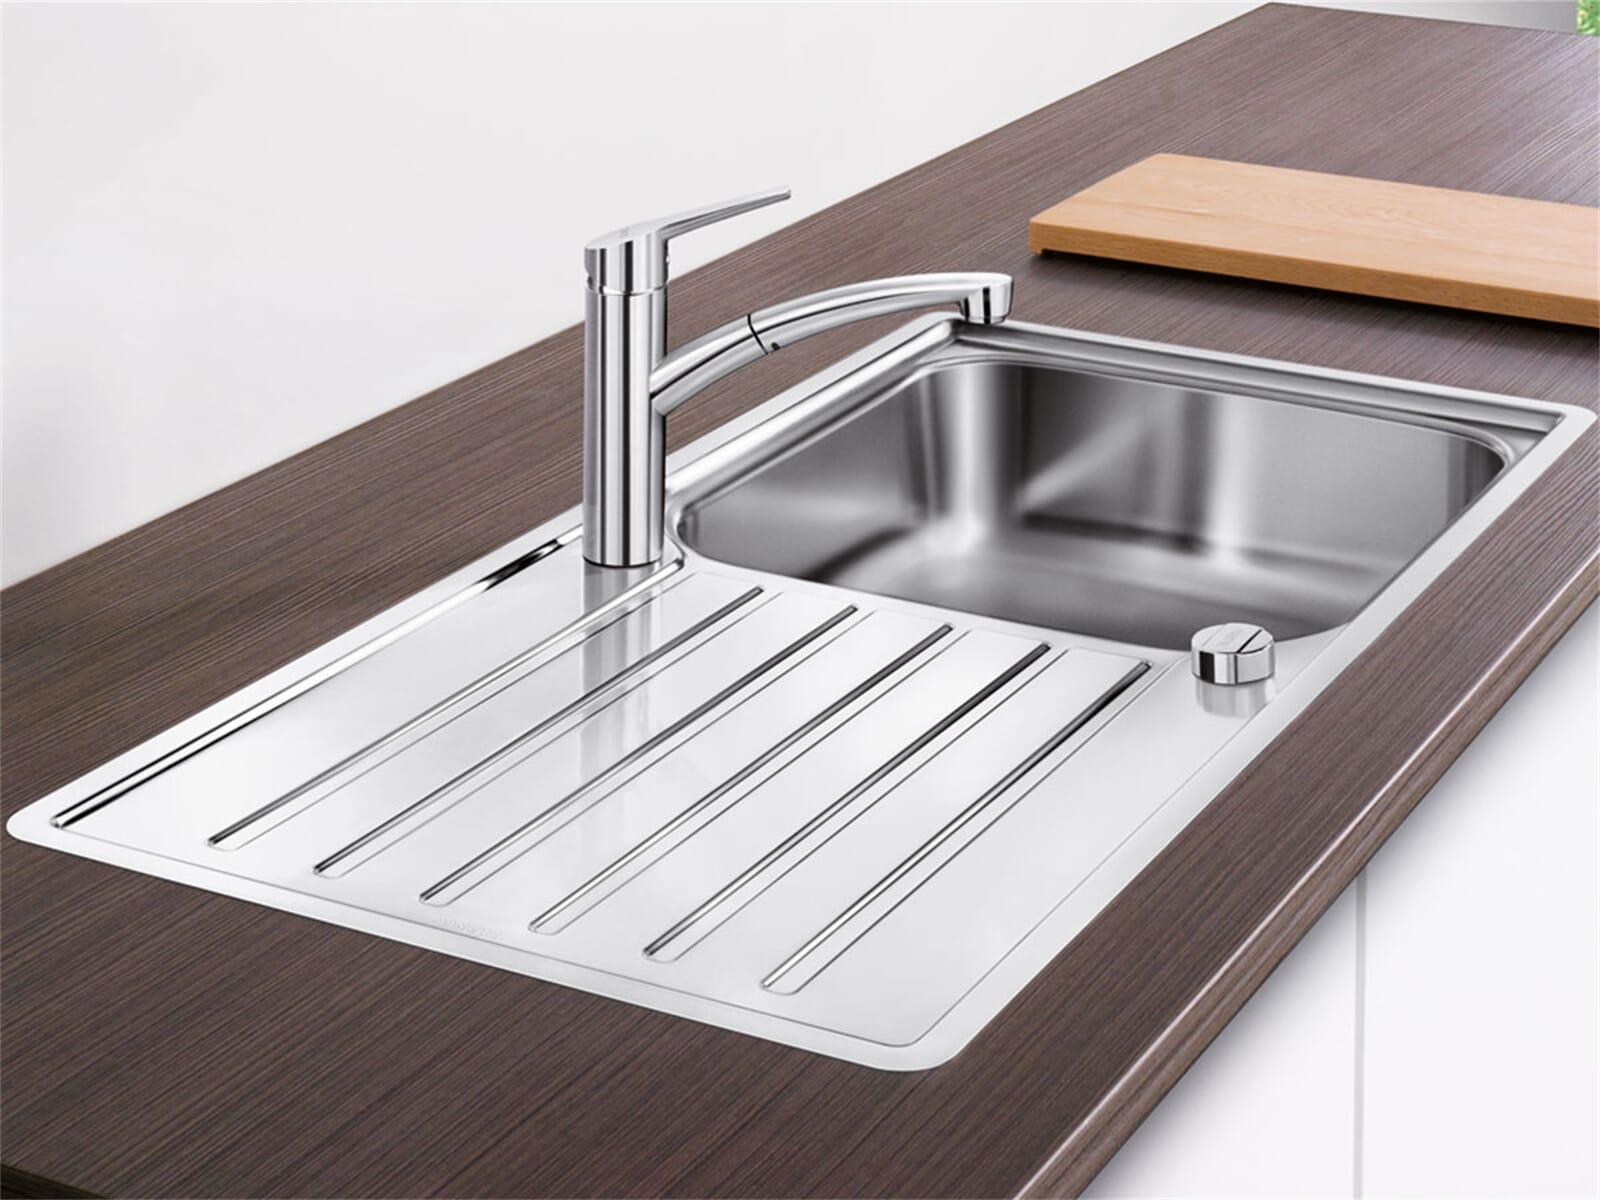 blanco lantos xl 6 s if edelstahlsp le b rstfinish. Black Bedroom Furniture Sets. Home Design Ideas